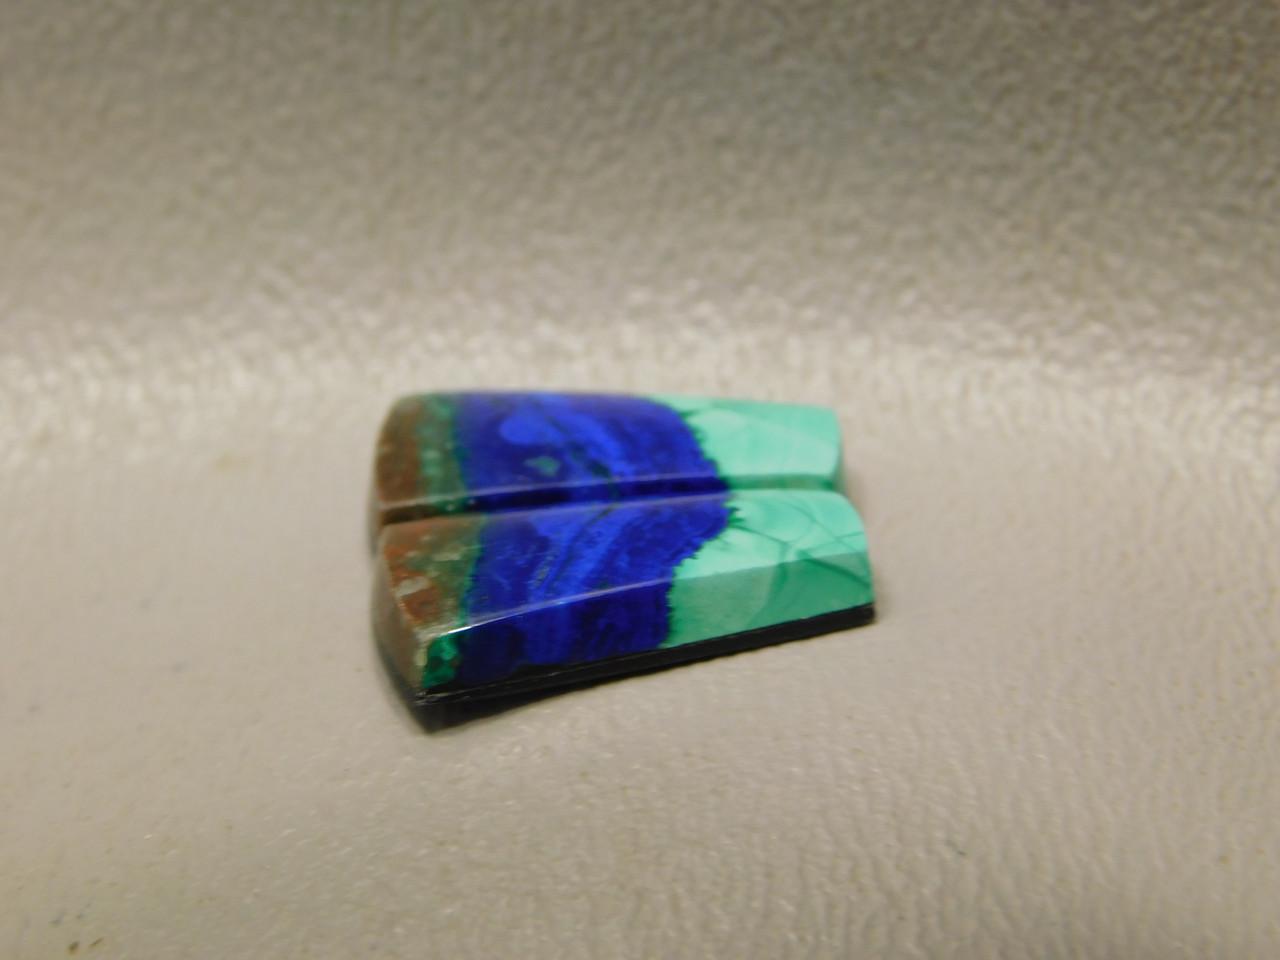 Azurite-Malachite Matched Pairs Trapezoid Cabochons Stones #29